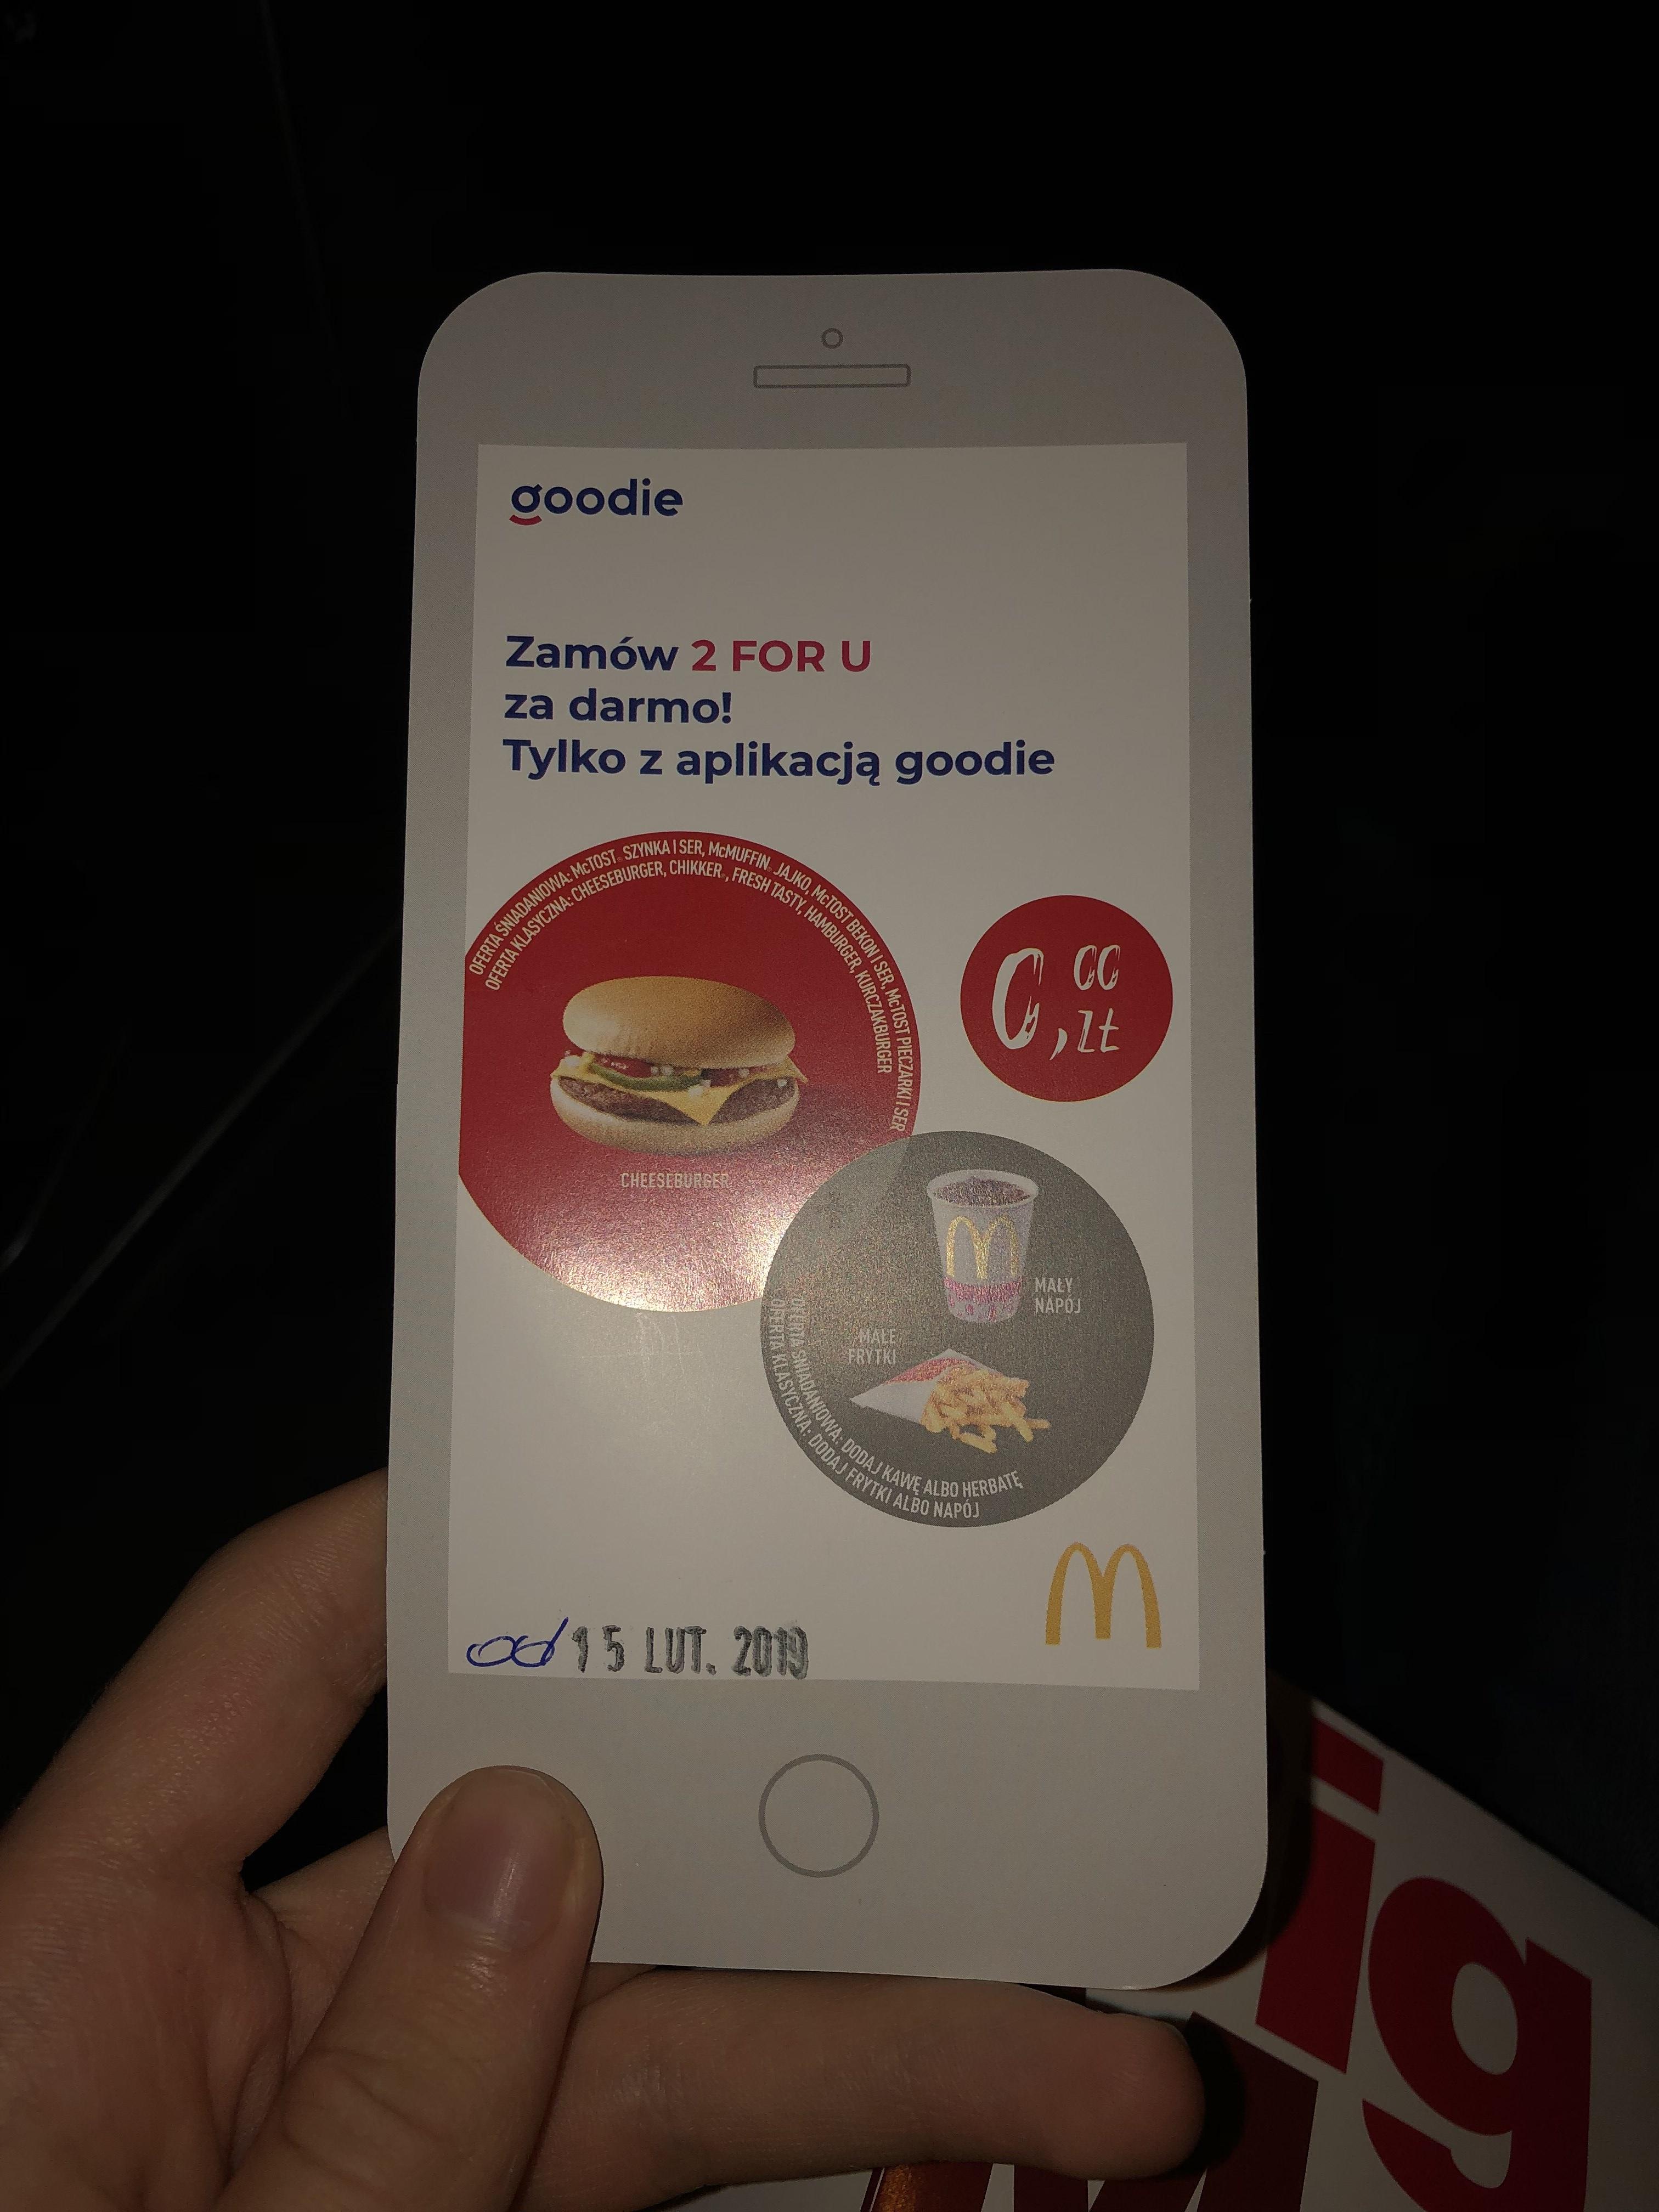 Darmowe 2forU w McDonald's